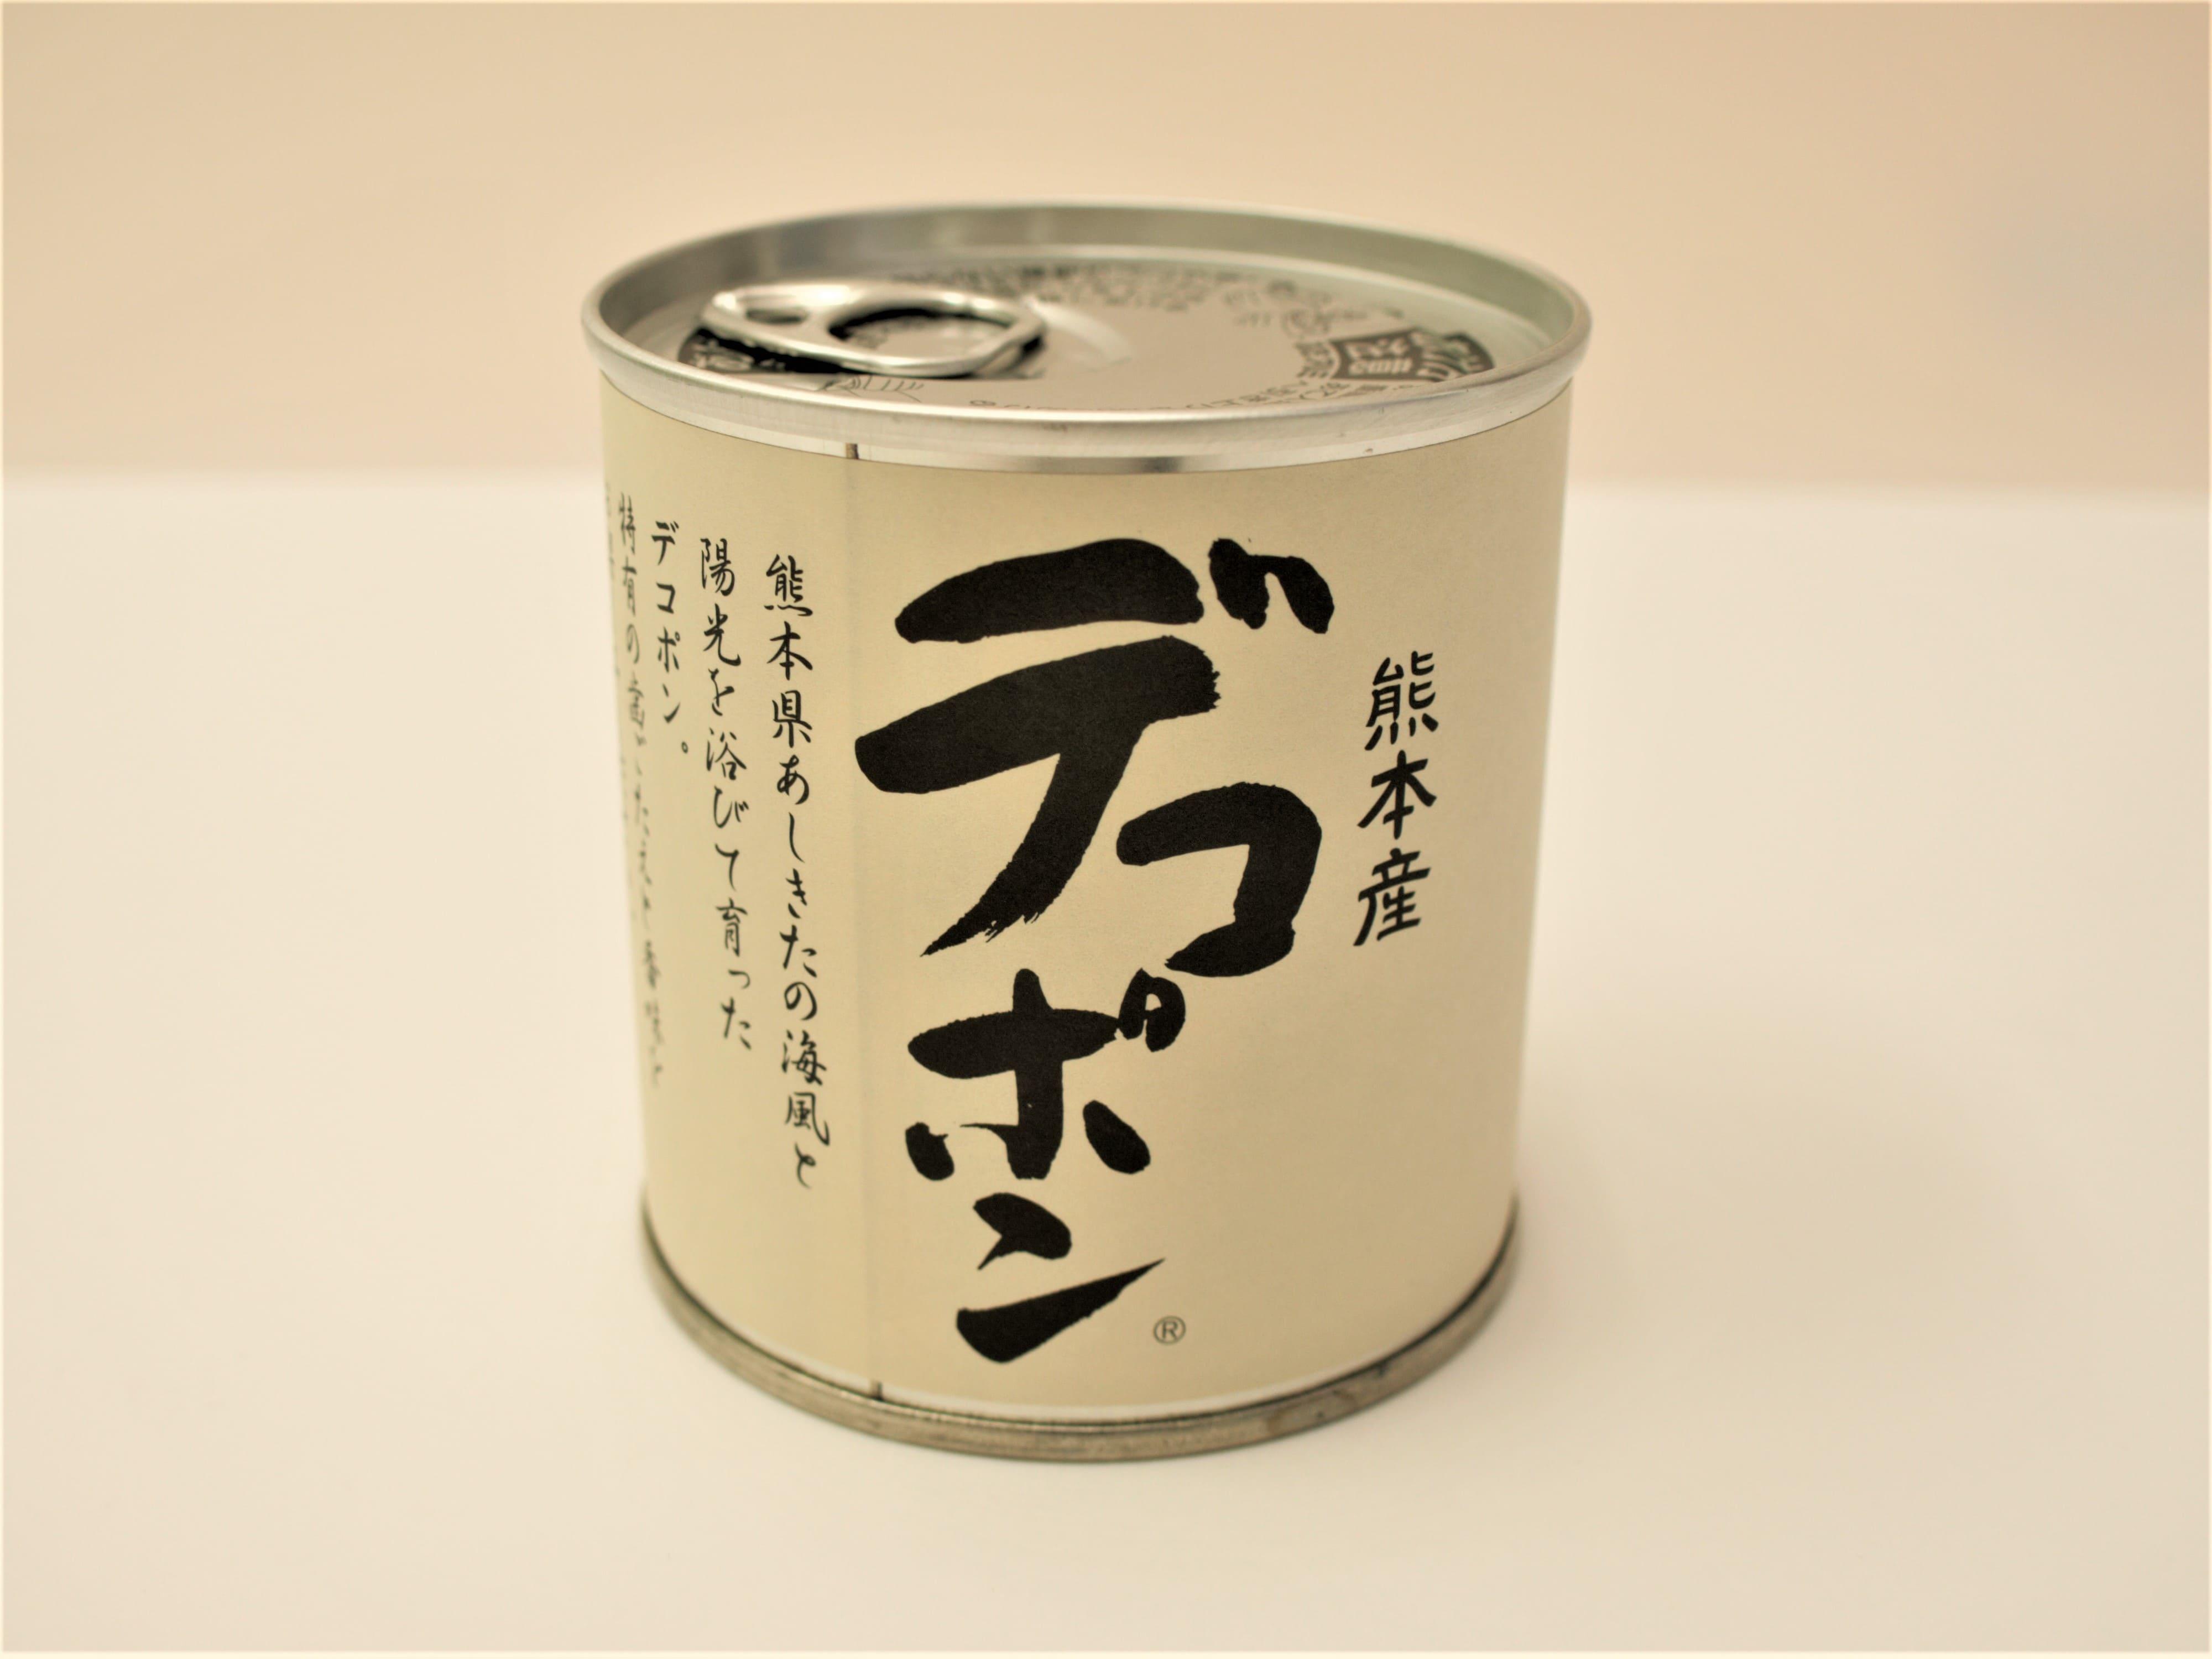 芦北デコポン缶詰